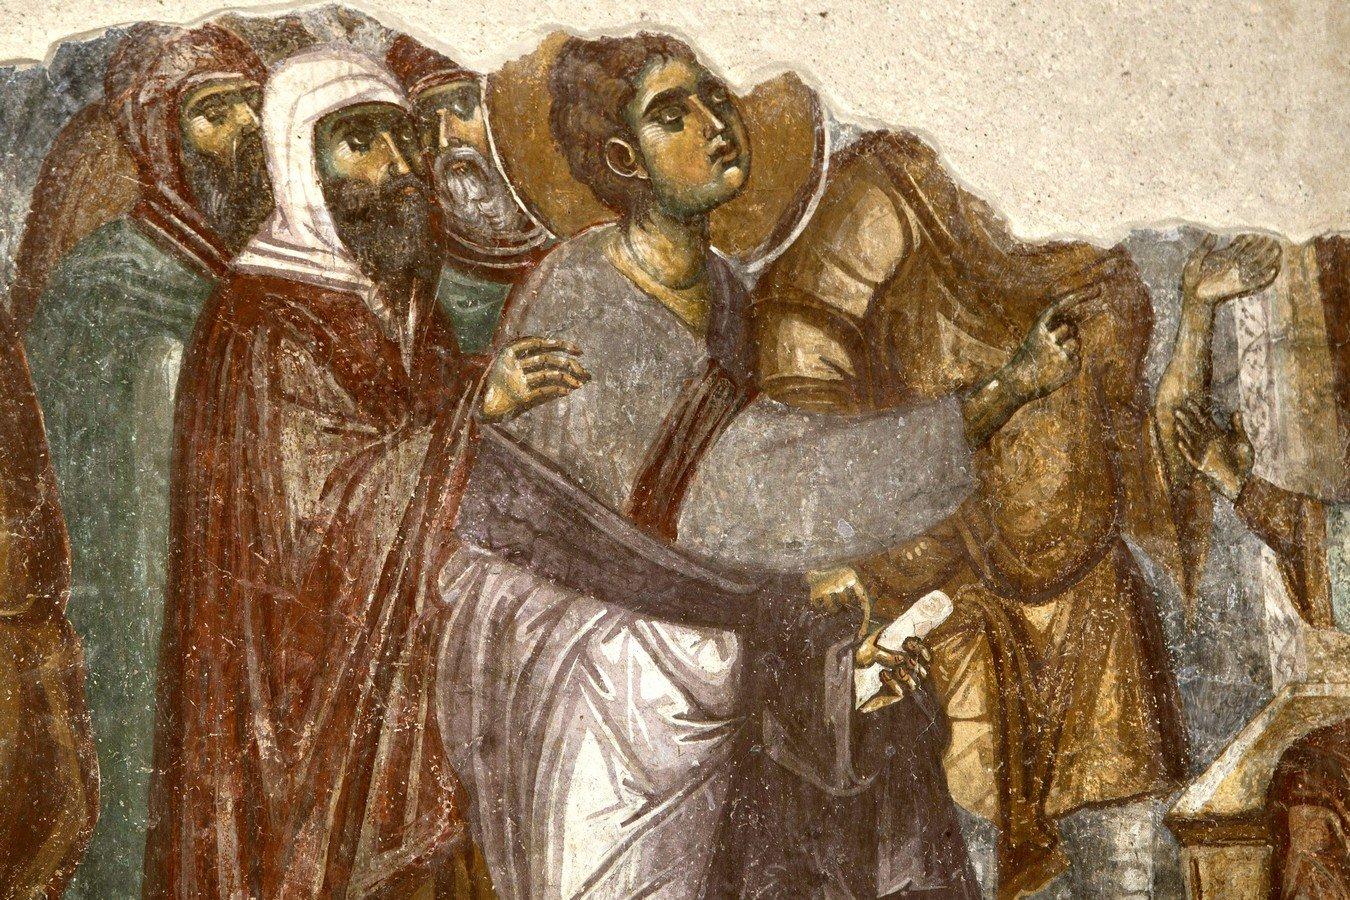 """Ведение Святого Первомученика Стефана на казнь. Фреска церкви Вознесения Господня (""""Спасов дом"""") в монастыре Жича, Сербия. 1309 - 1316 годы."""